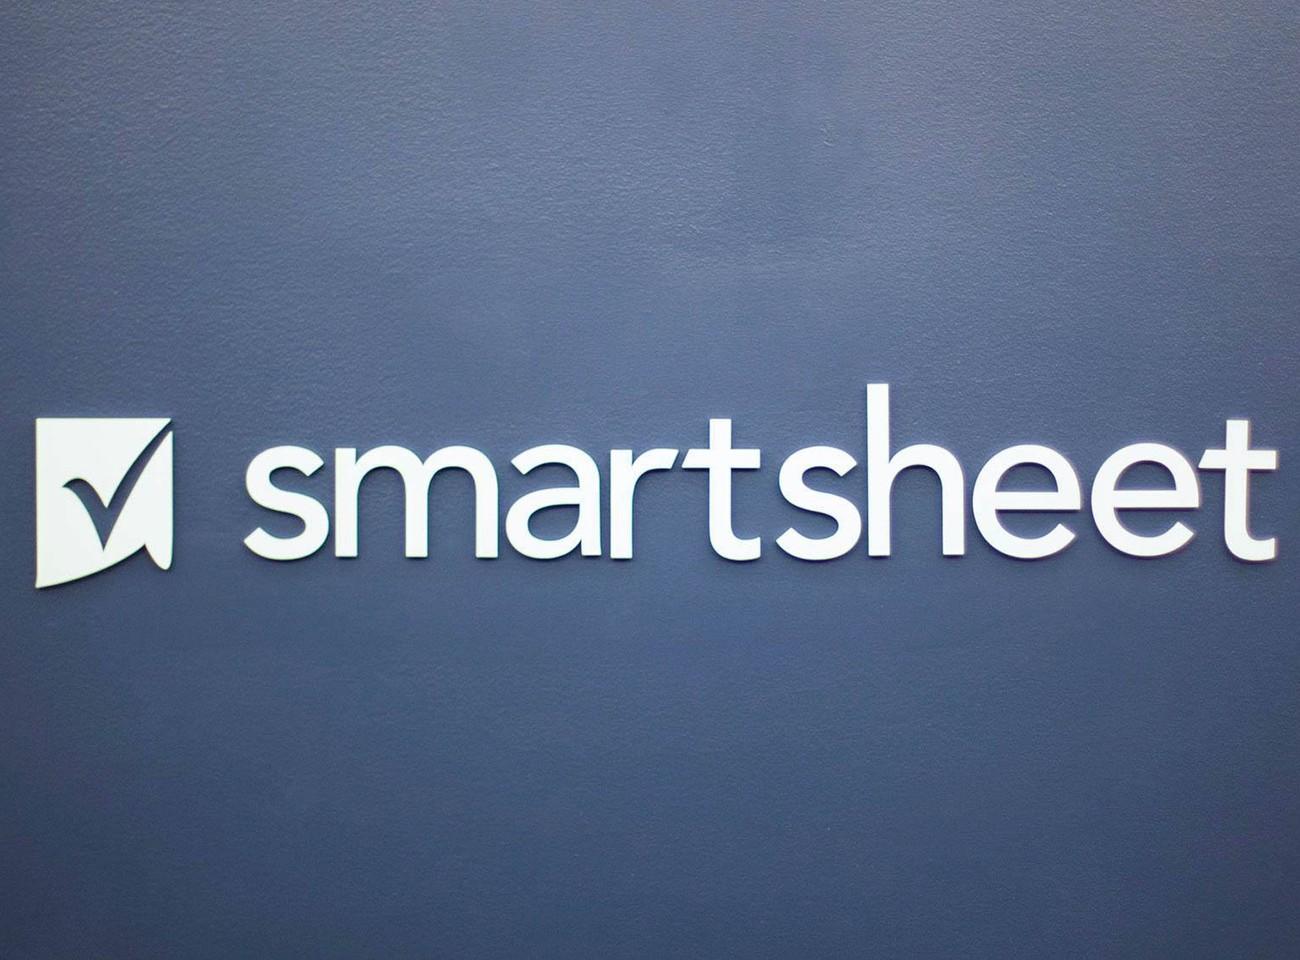 Smartsheet Careers